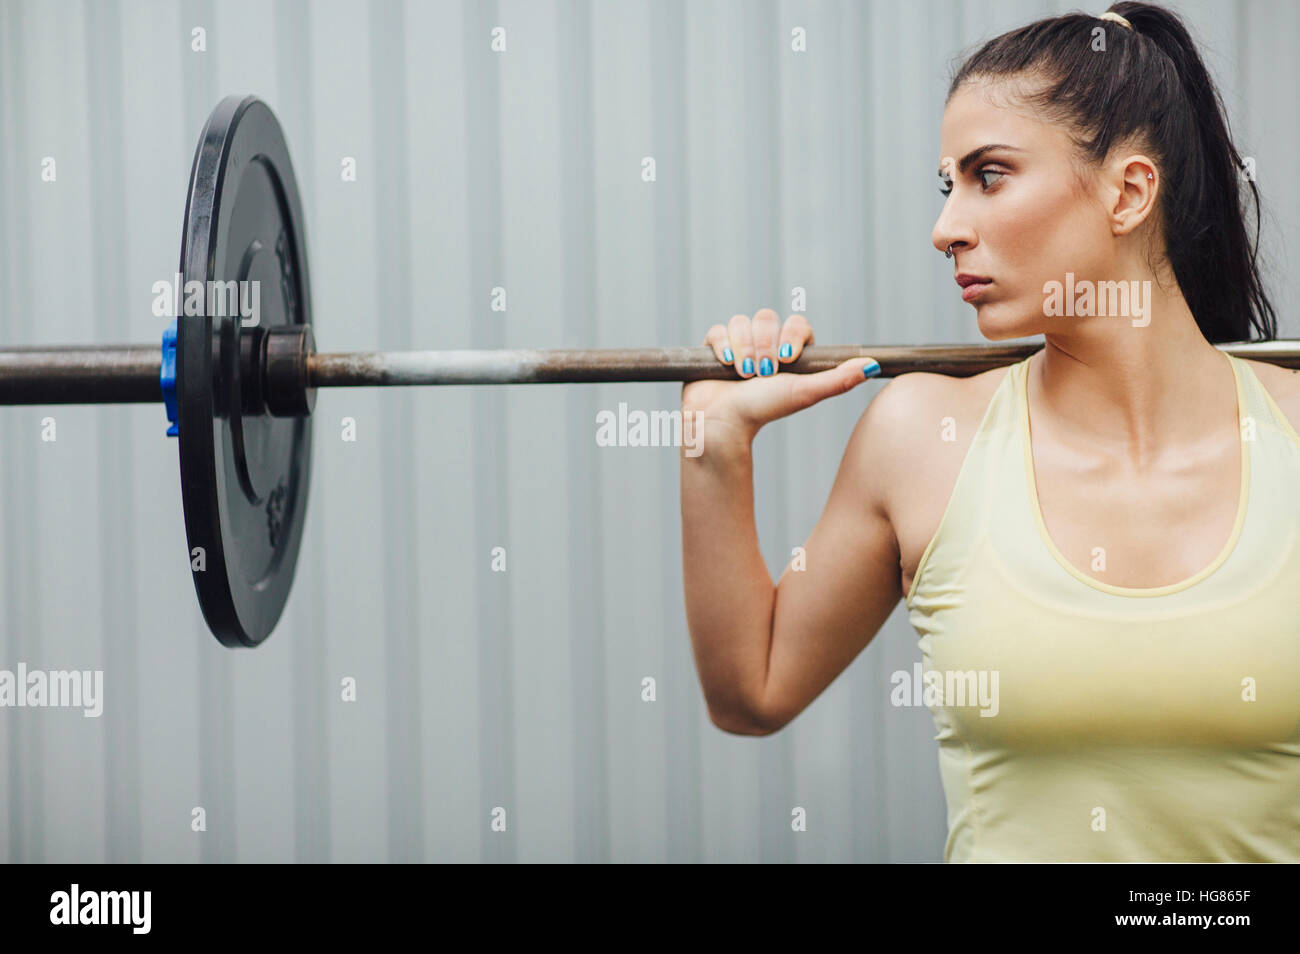 À l'athlète, tandis que l'haltérophilie avec barbell in gym Photo Stock